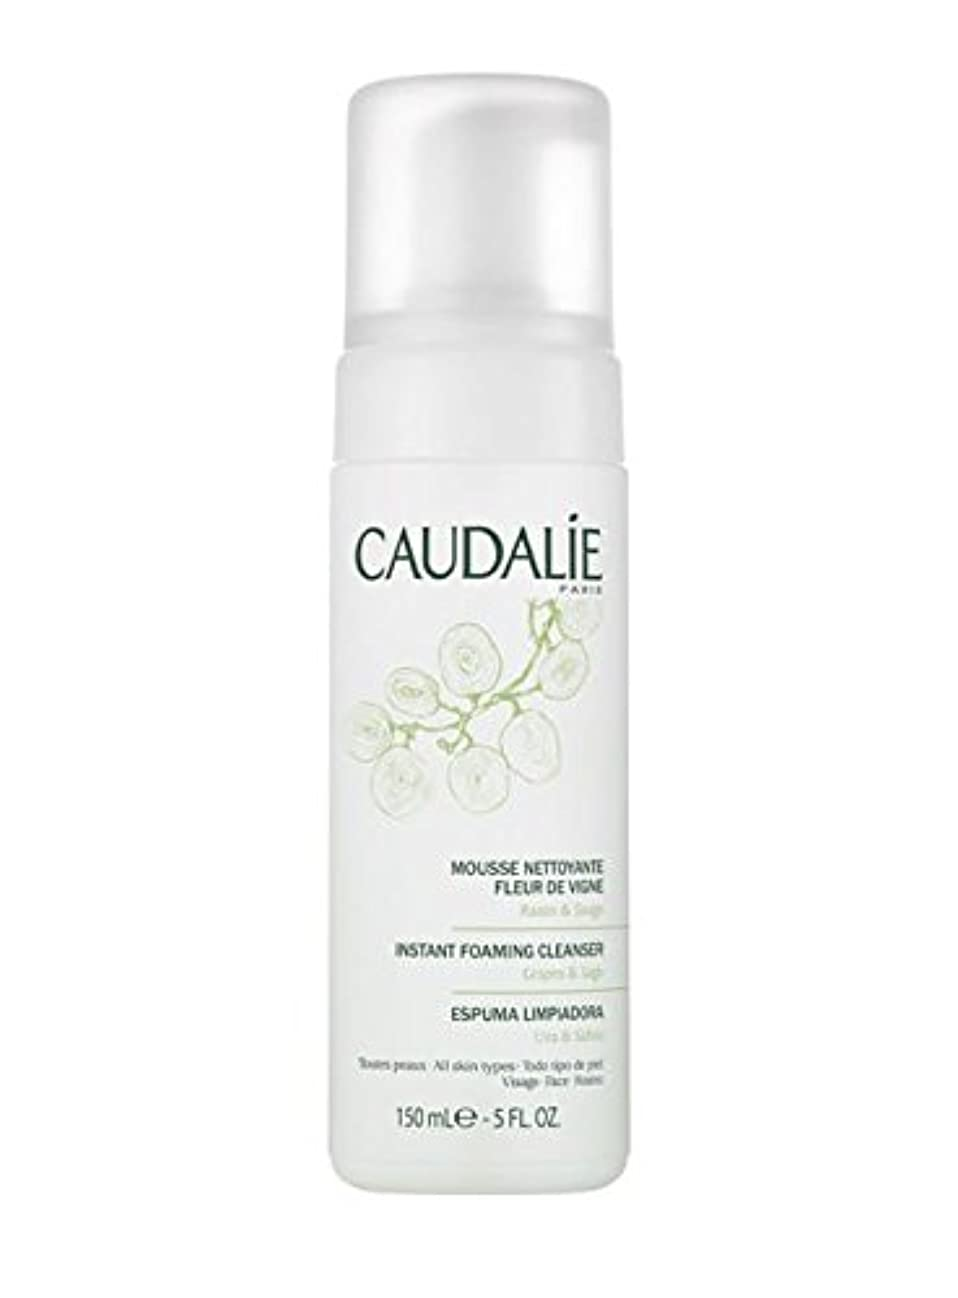 野生スクラップ乳製品コーダリー(CAUDALIE) インスタント フォーミング クレンザー 150ml [海外直送品] [並行輸入品]